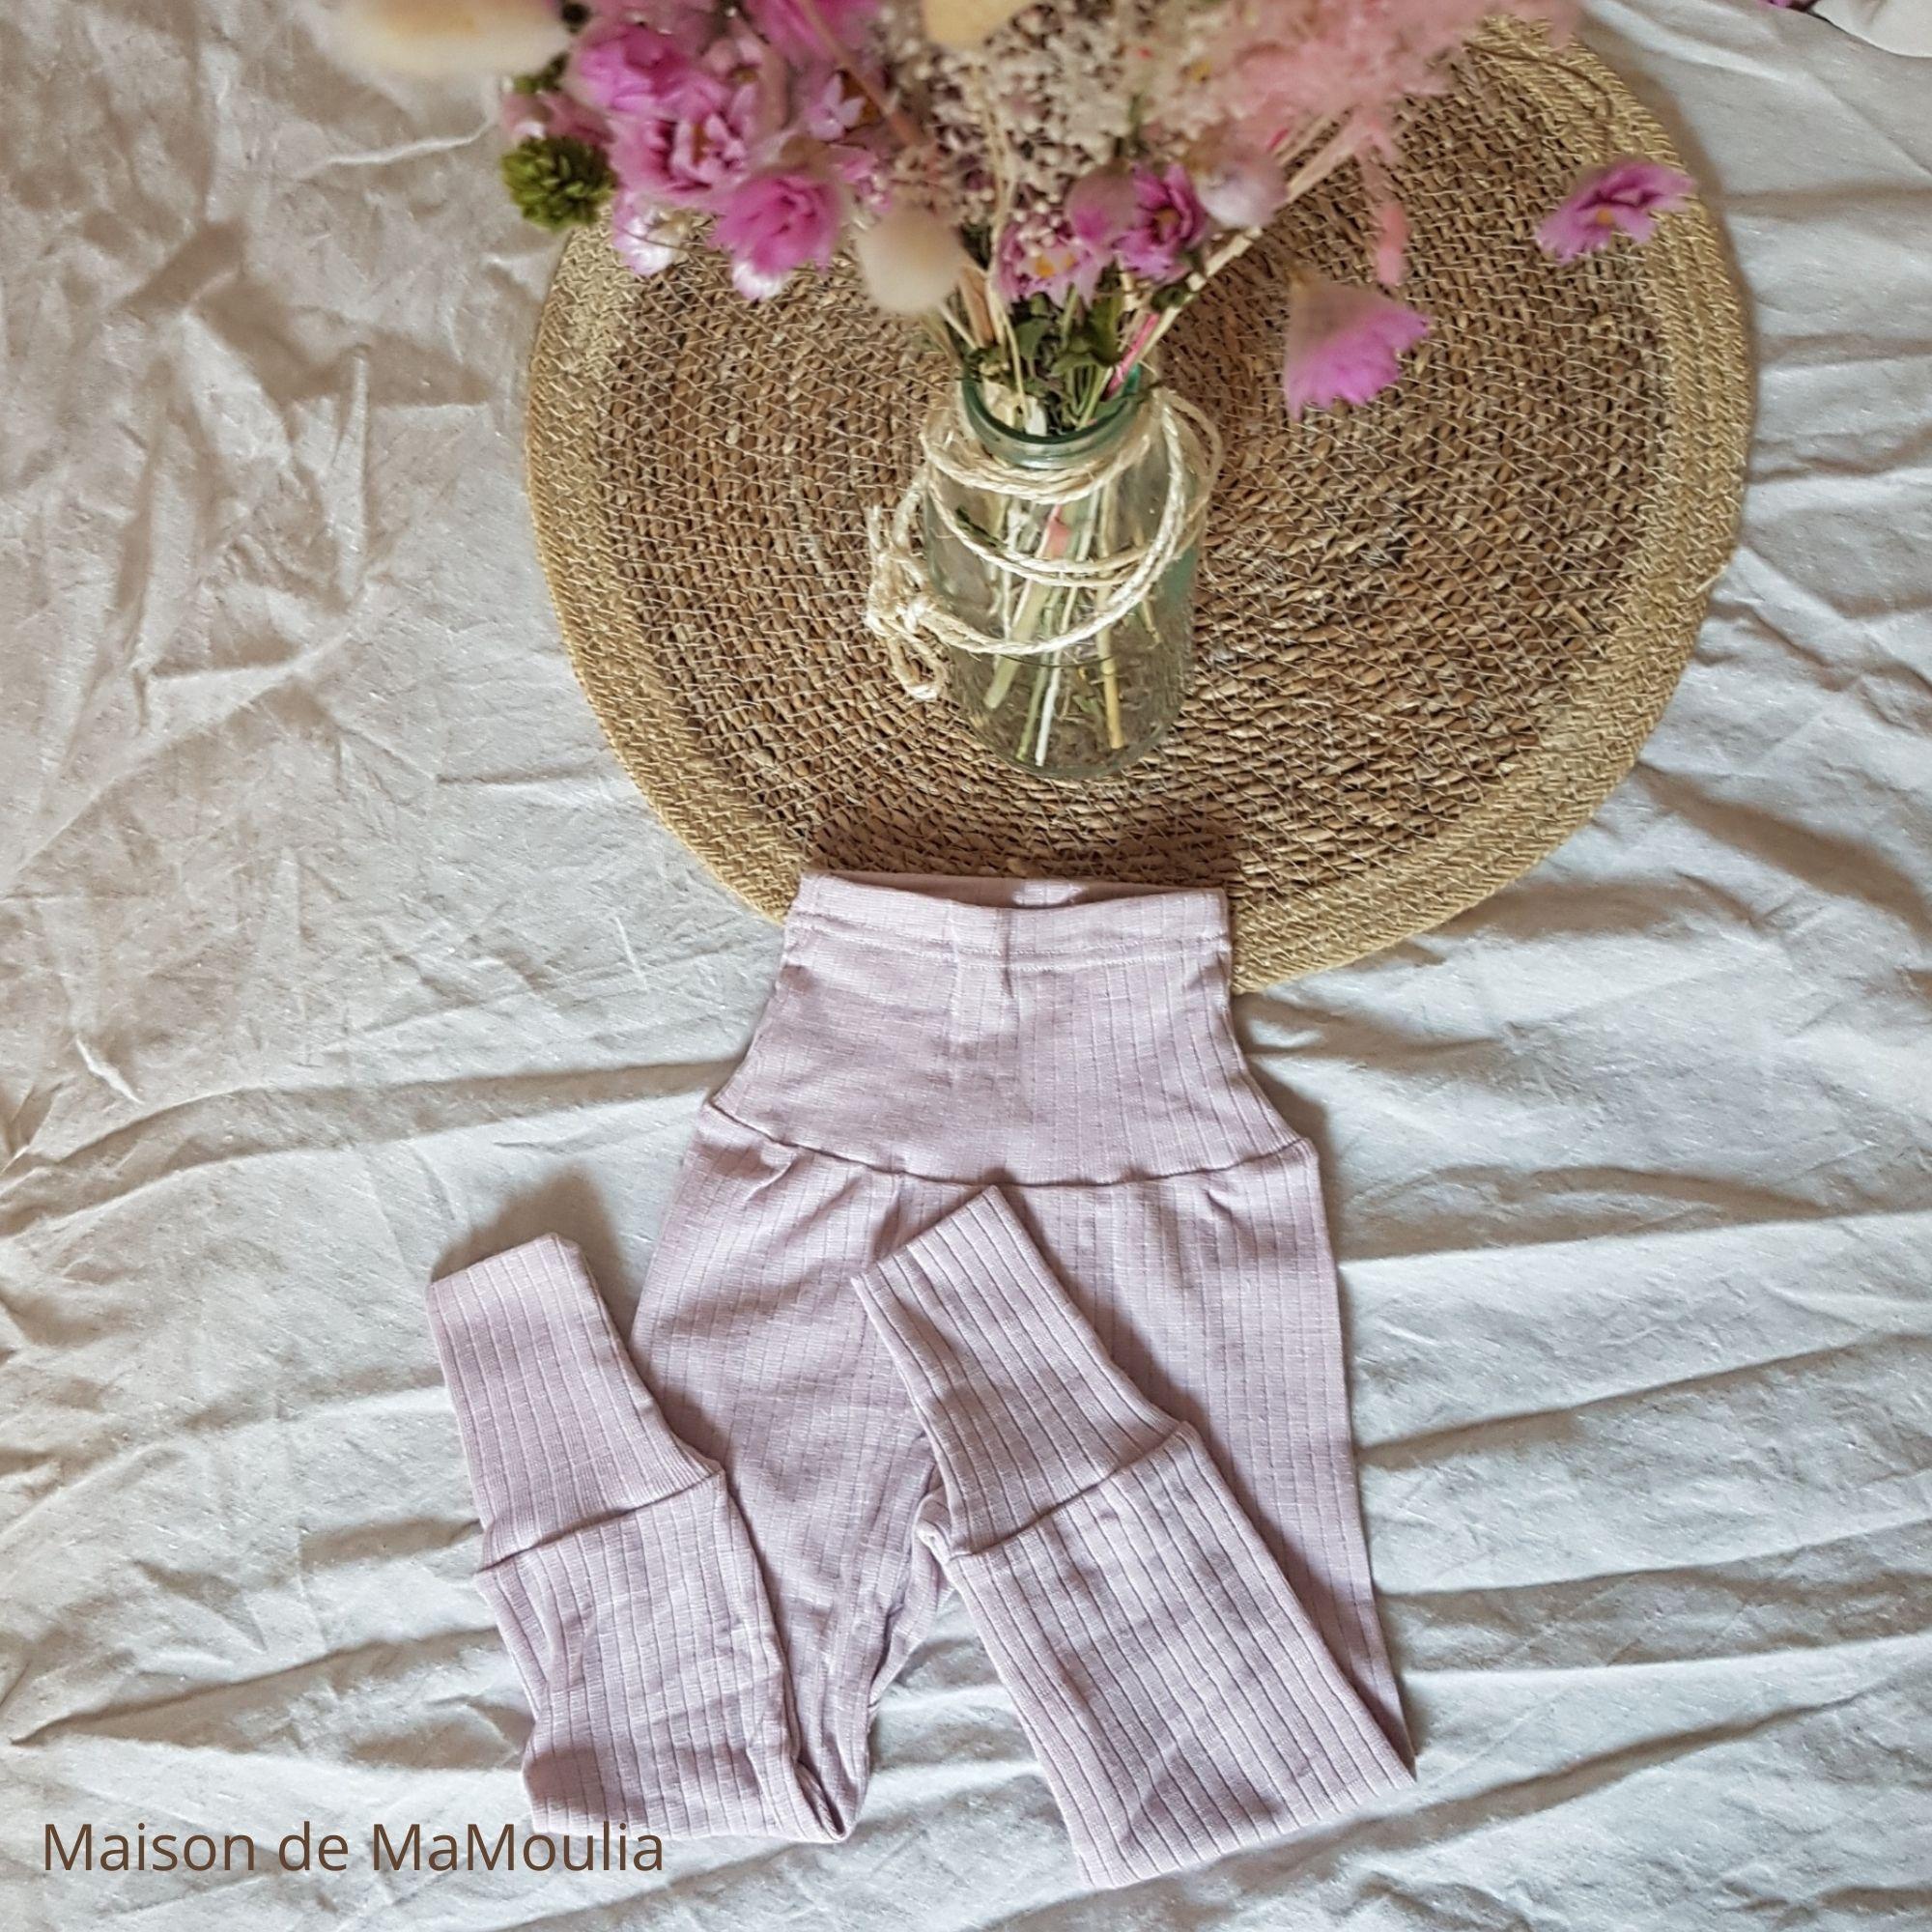 COSILANA - Pantalon avec ceinture large - bébé et enfant - Laine/Soie/Coton bio, Rose pale